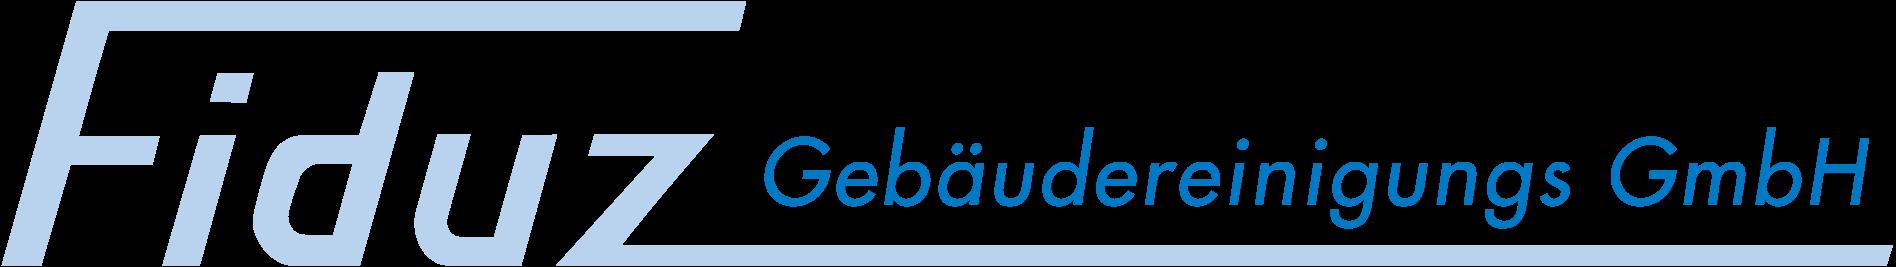 Reingungsfirma Hannover und Region - Power-Gebäudereinigung.de